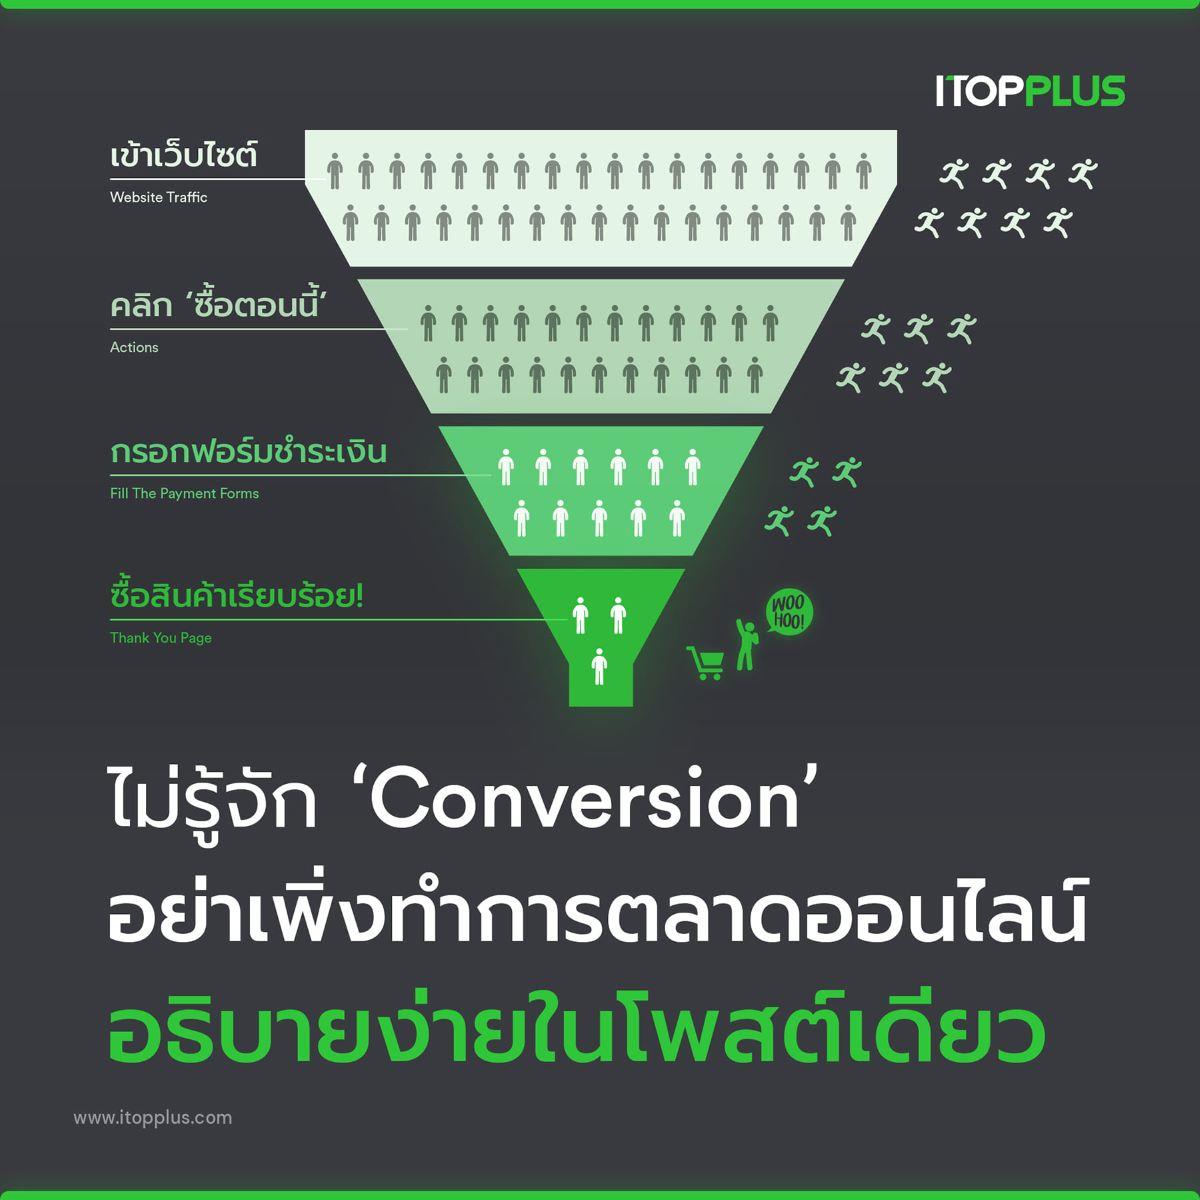 ไม่รู้จัก Conversion อย่าเพิ่งทำการตลาดออนไลน์ อธิบายง่ายจบในที่เดียว